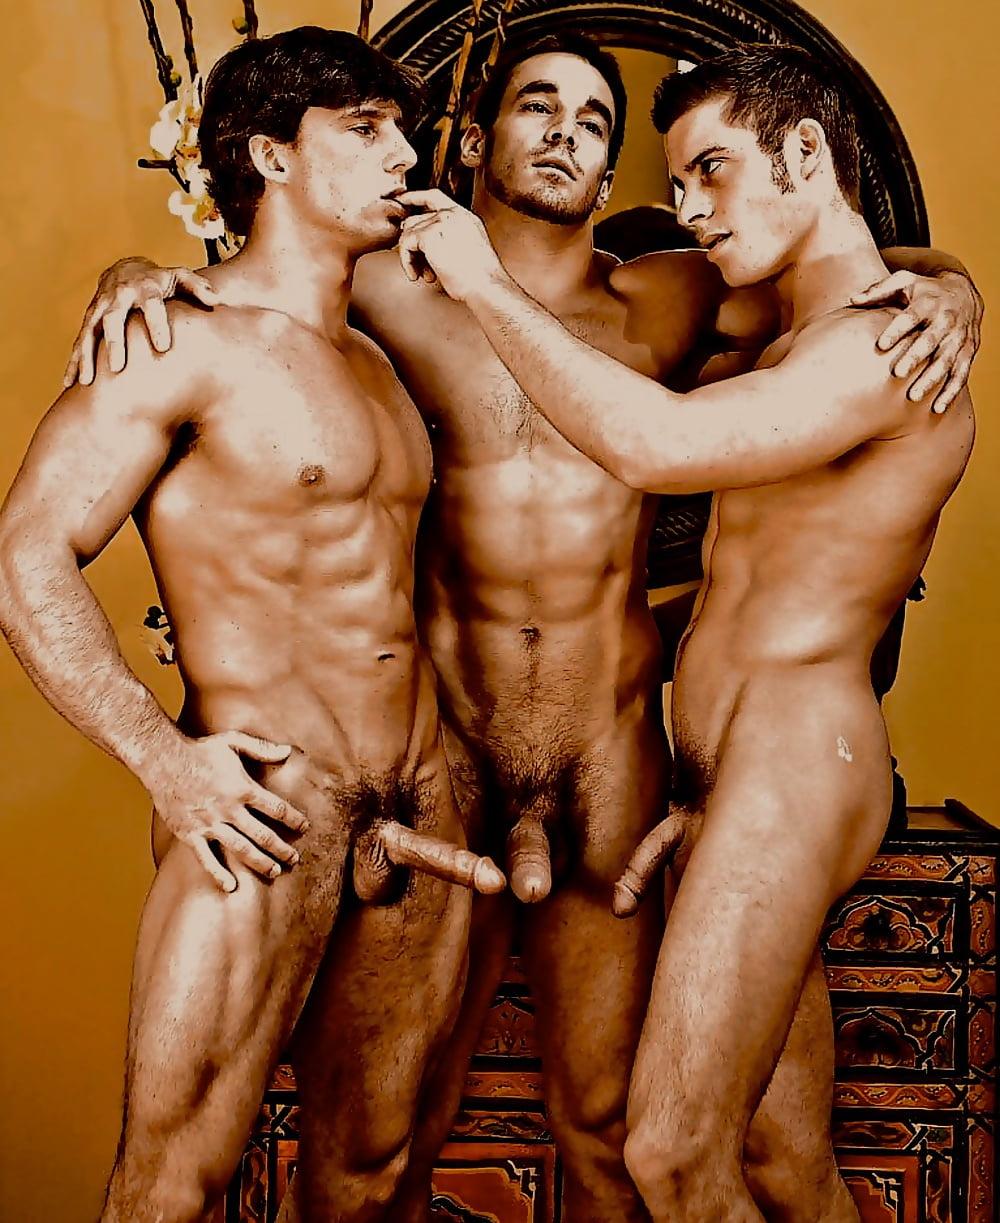 голые парнишки порно - 9